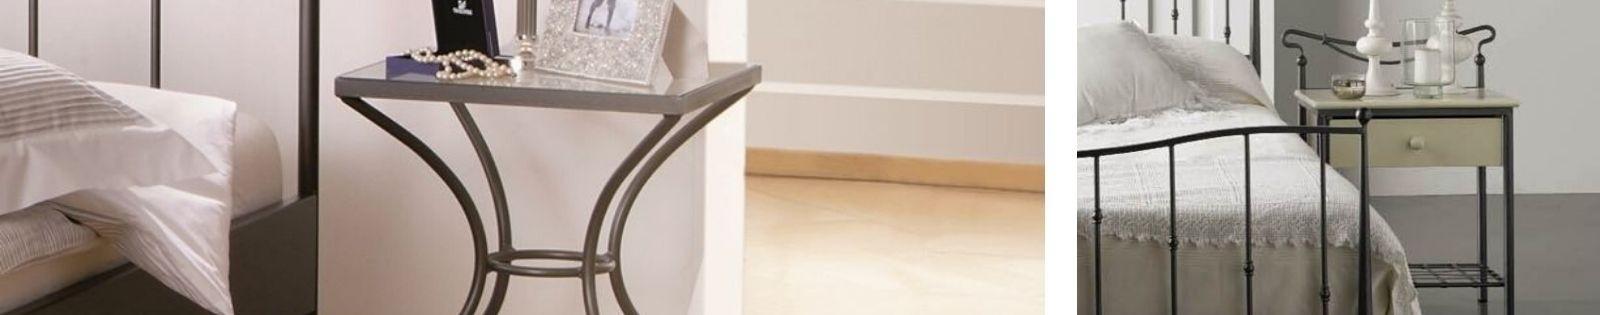 Chevet en Fer Forgé : Haut de gamme de fabrication artisanale.